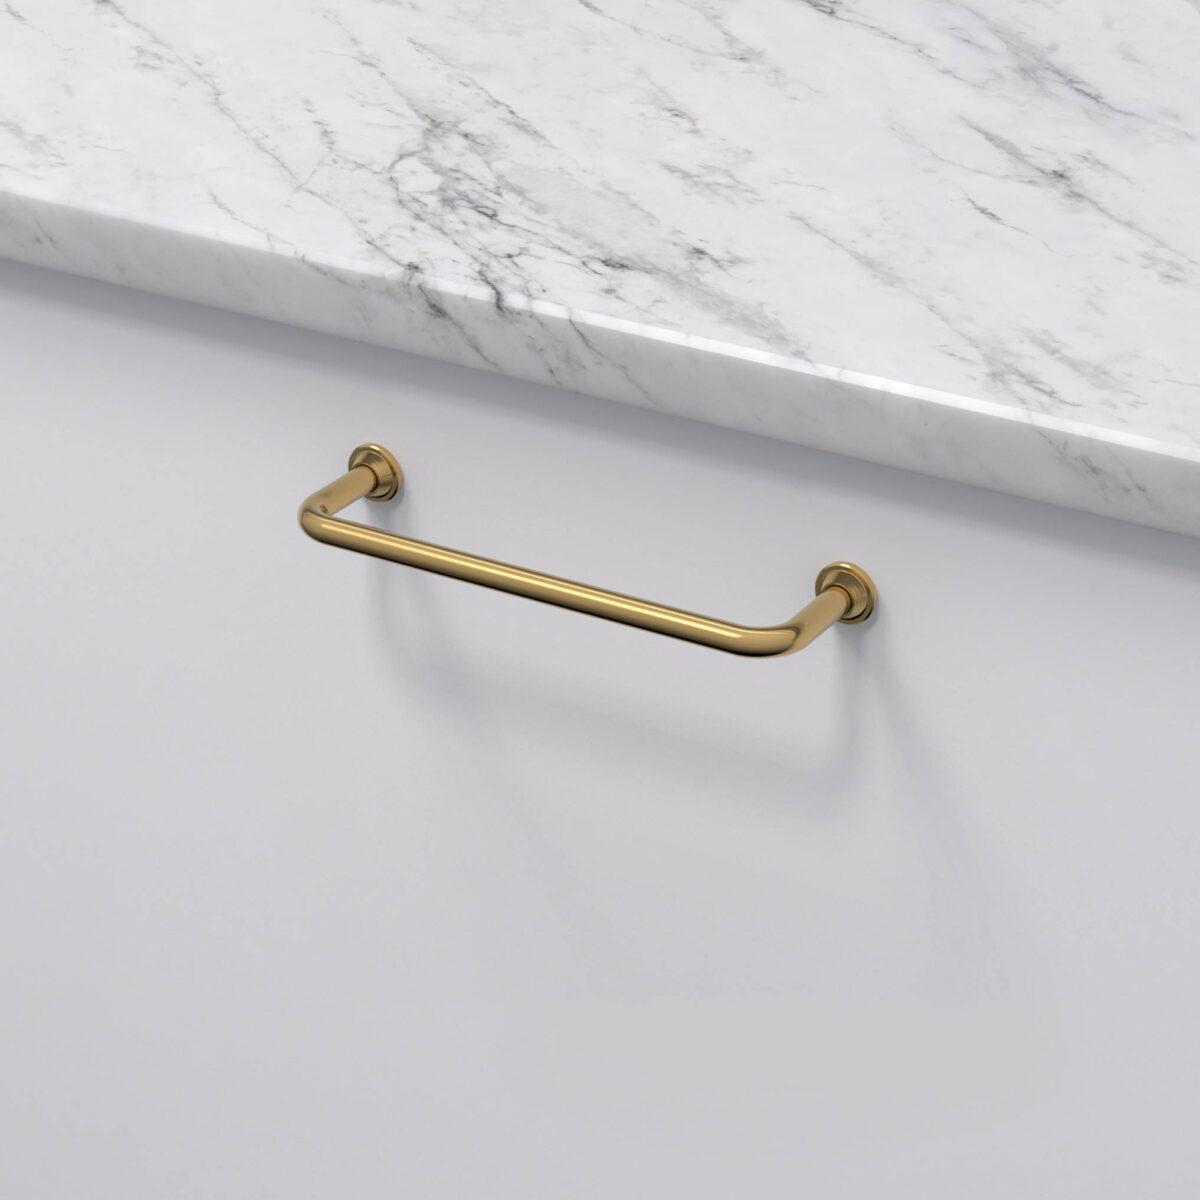 Kokshandtag 1353 polerad massing 33062 11 cc 128 mm ncs s 0300 n marmor carrara